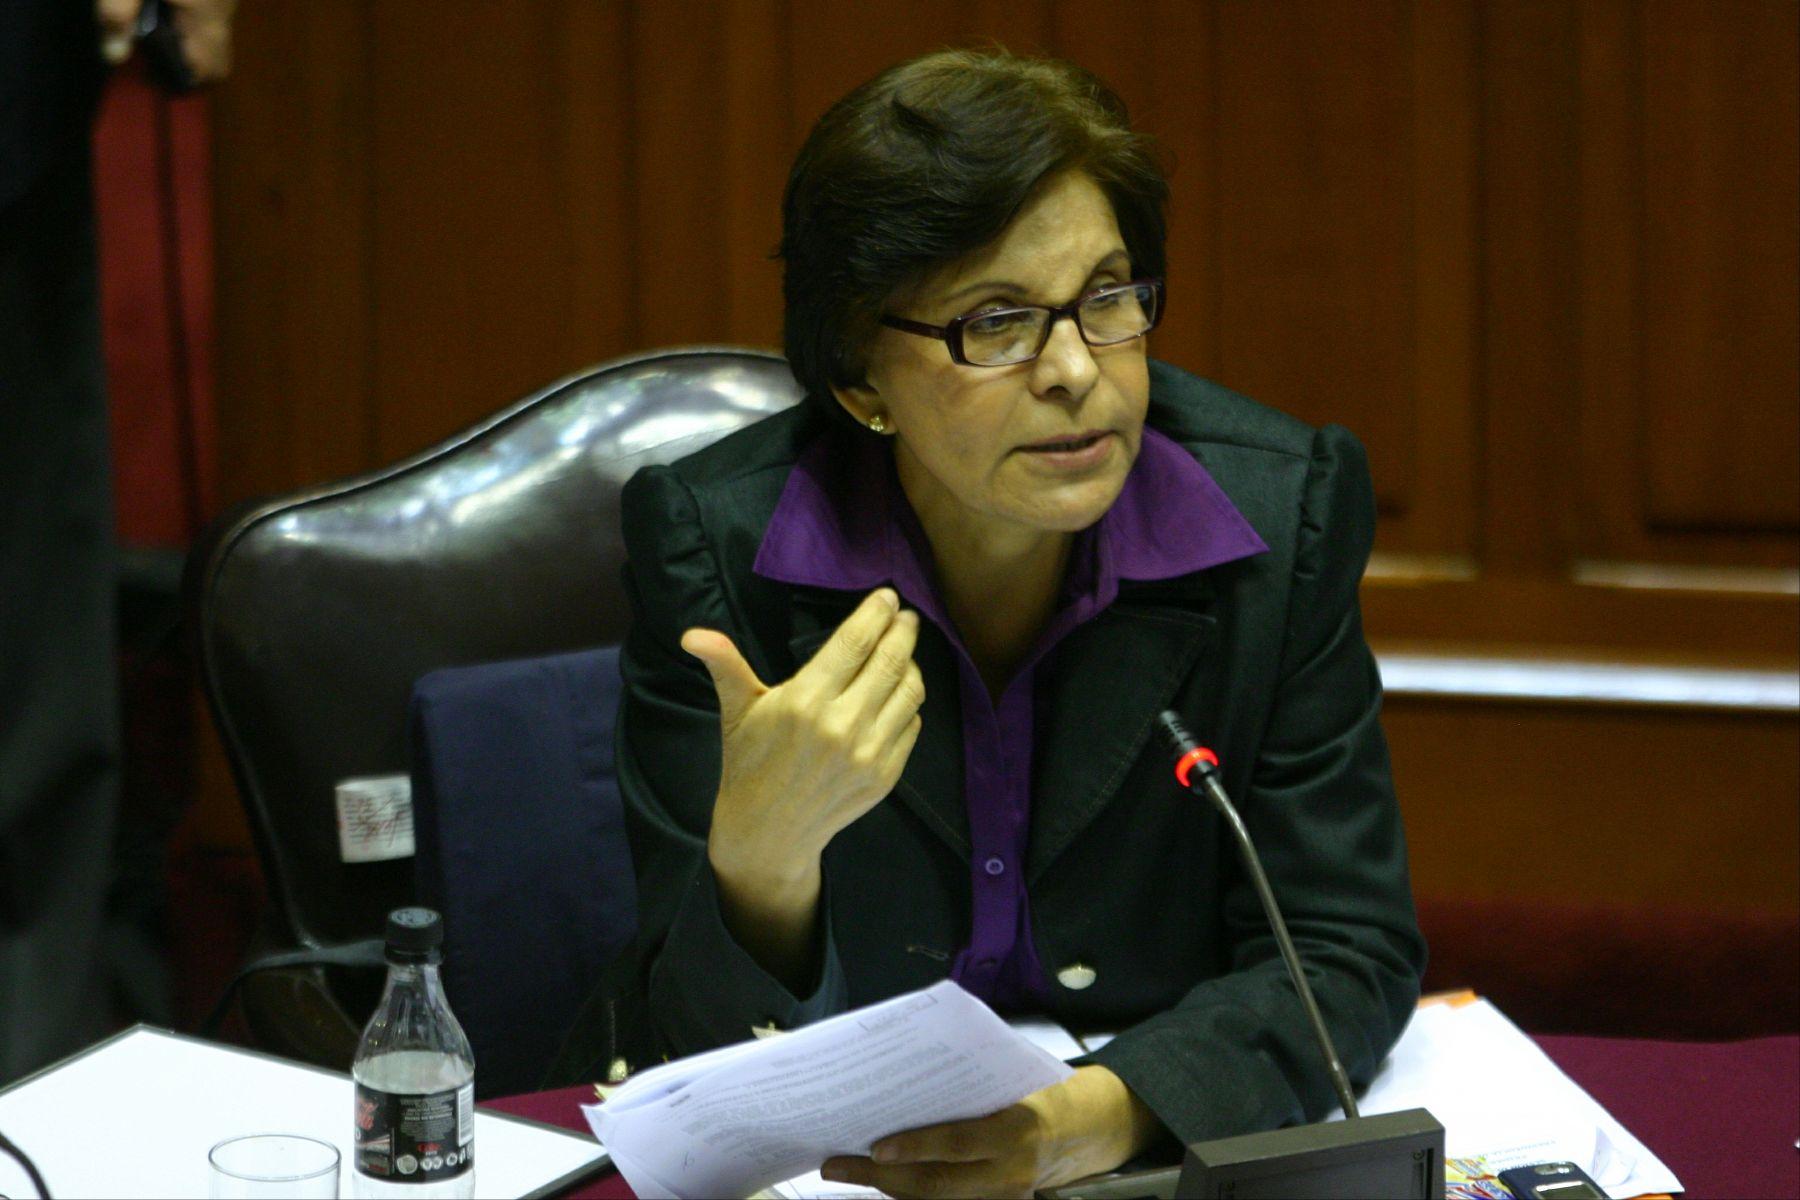 Presidenta de la Comisión de Defensa del Congreso, Mercedes Cabanillas